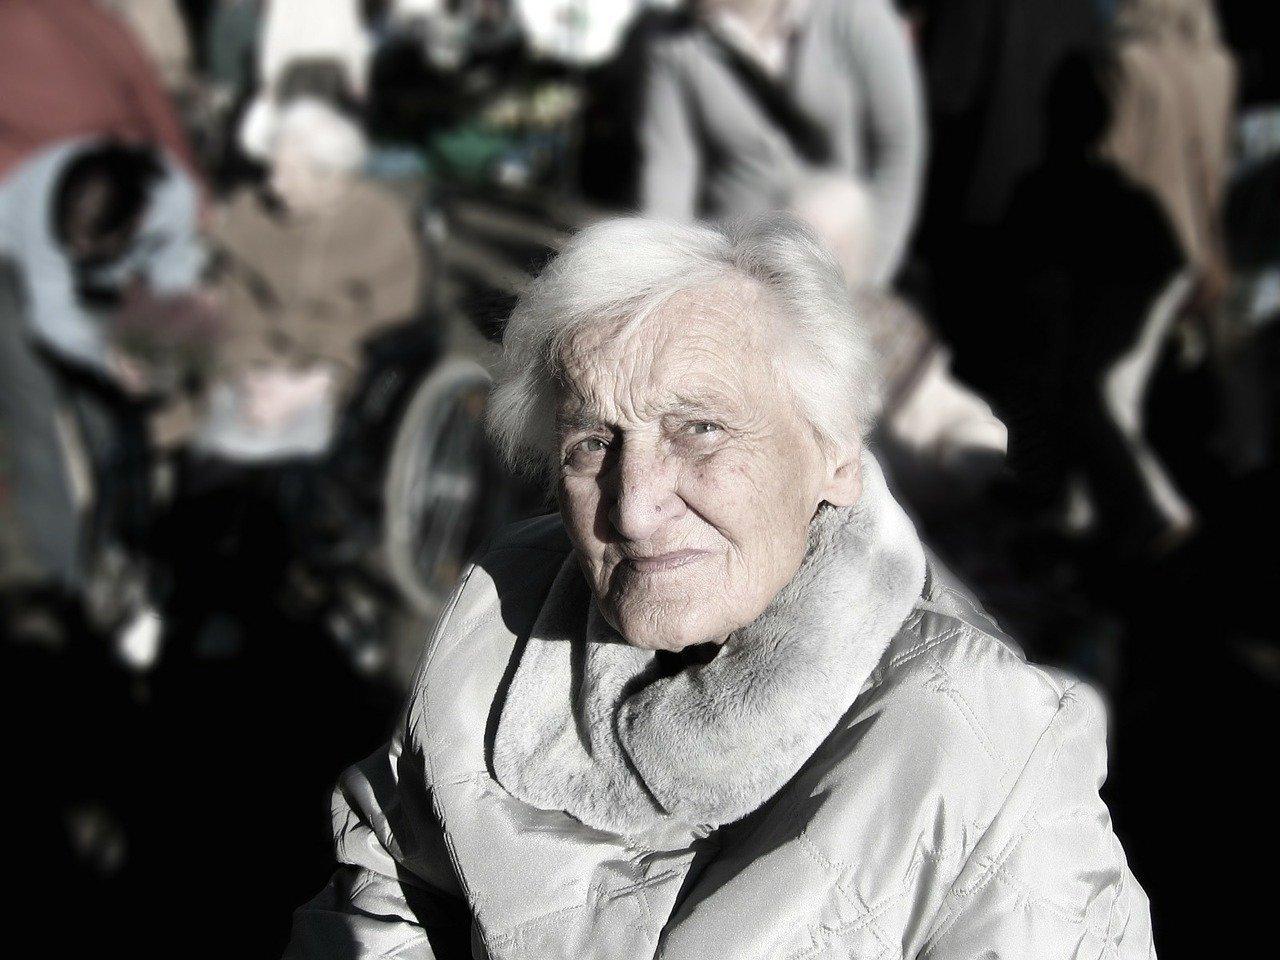 Une femme atteinte de démence.   Photo: Pixabay